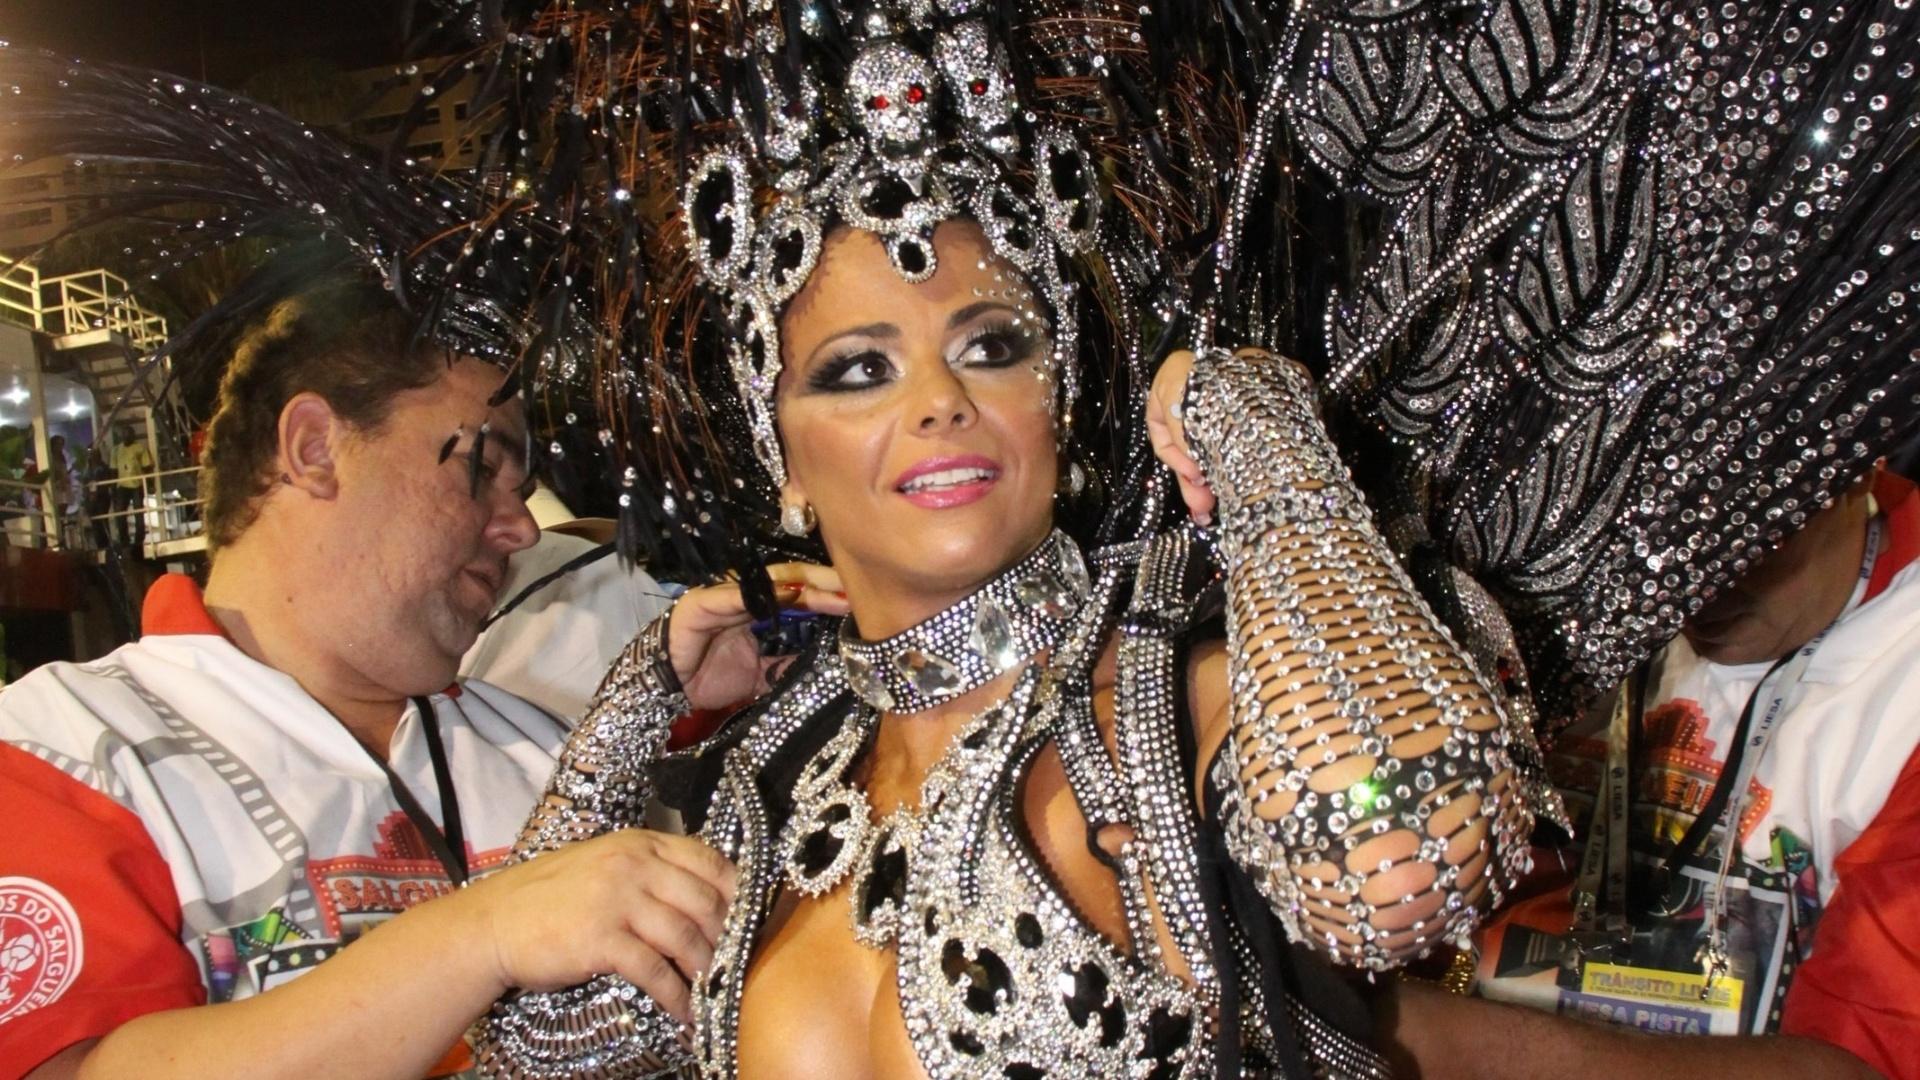 Viviane Araujo aguarda o início do desfile na concentração do salgueiro (12/03/2011)